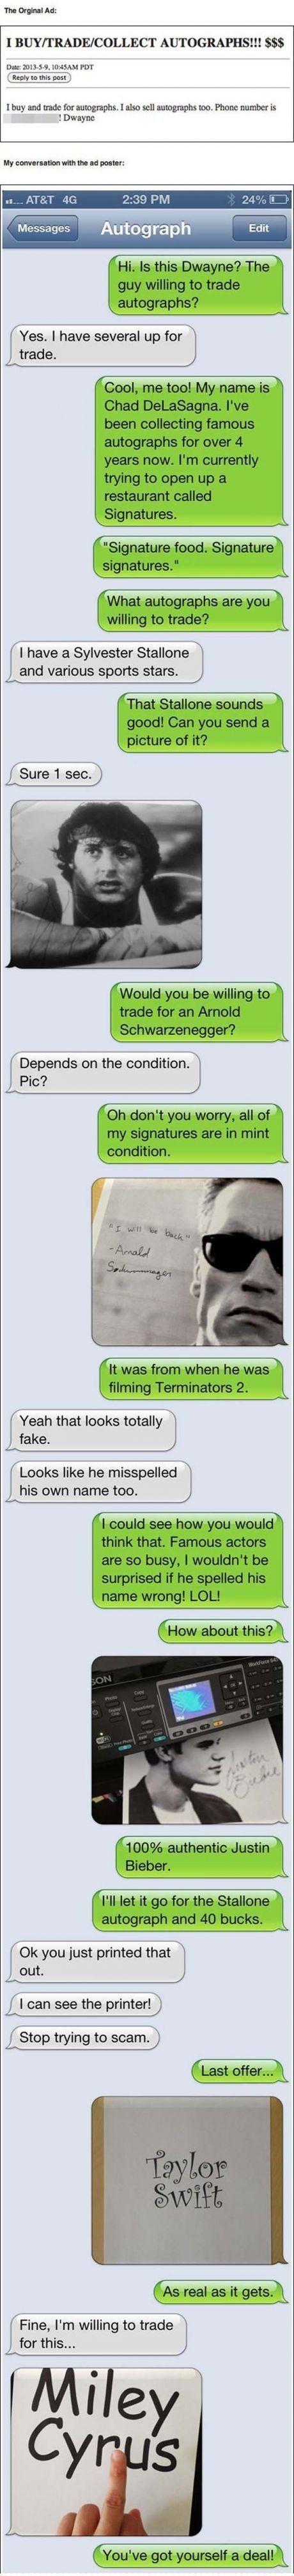 Craigslist Trolling - LoL Champ